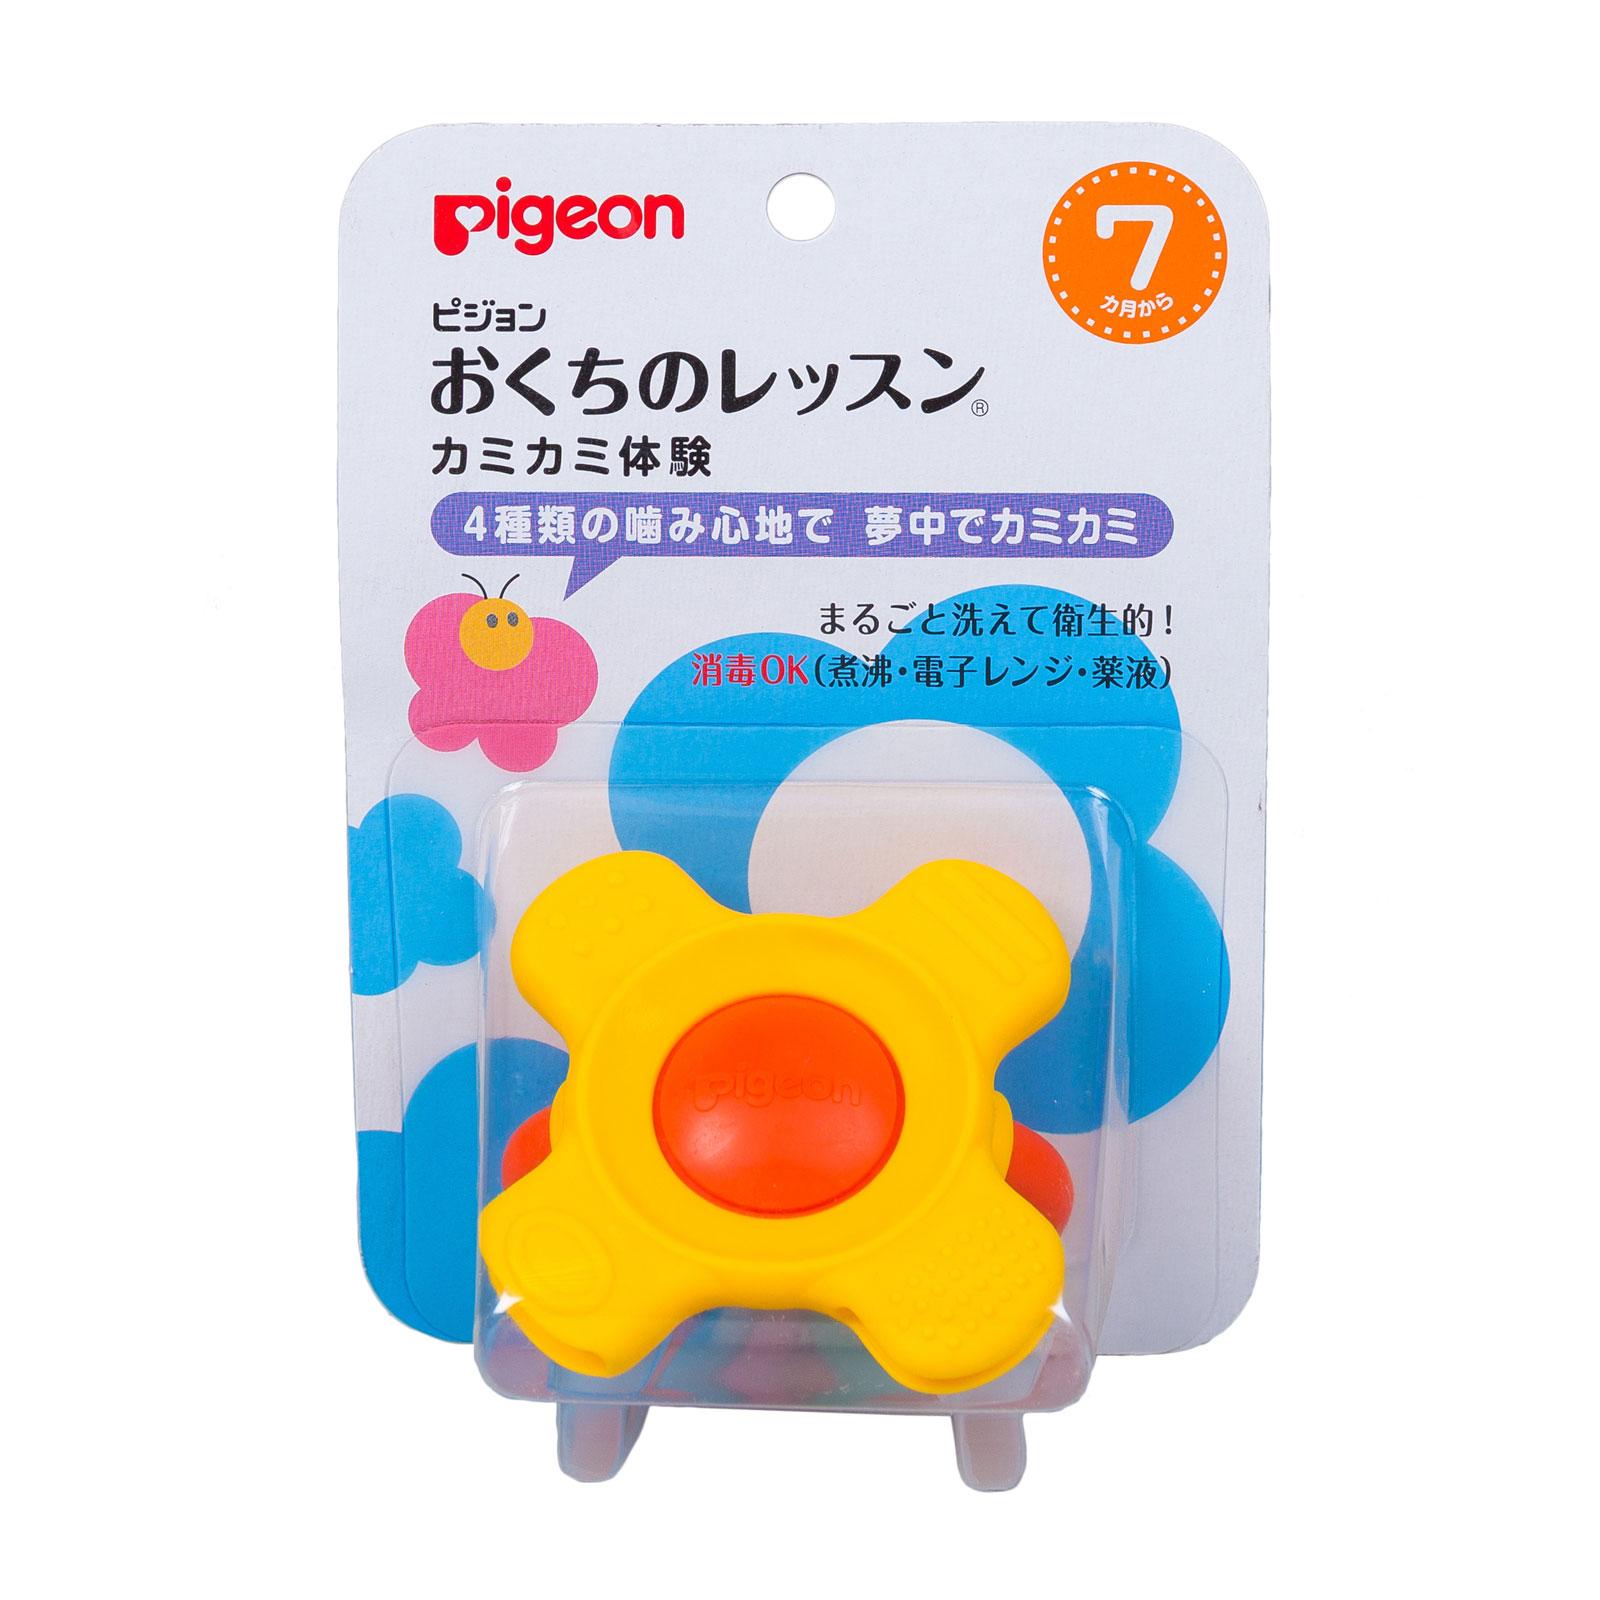 Прорезыватель-игрушка Pigeon Кольцо с 7 мес. (Pigeon Япония)